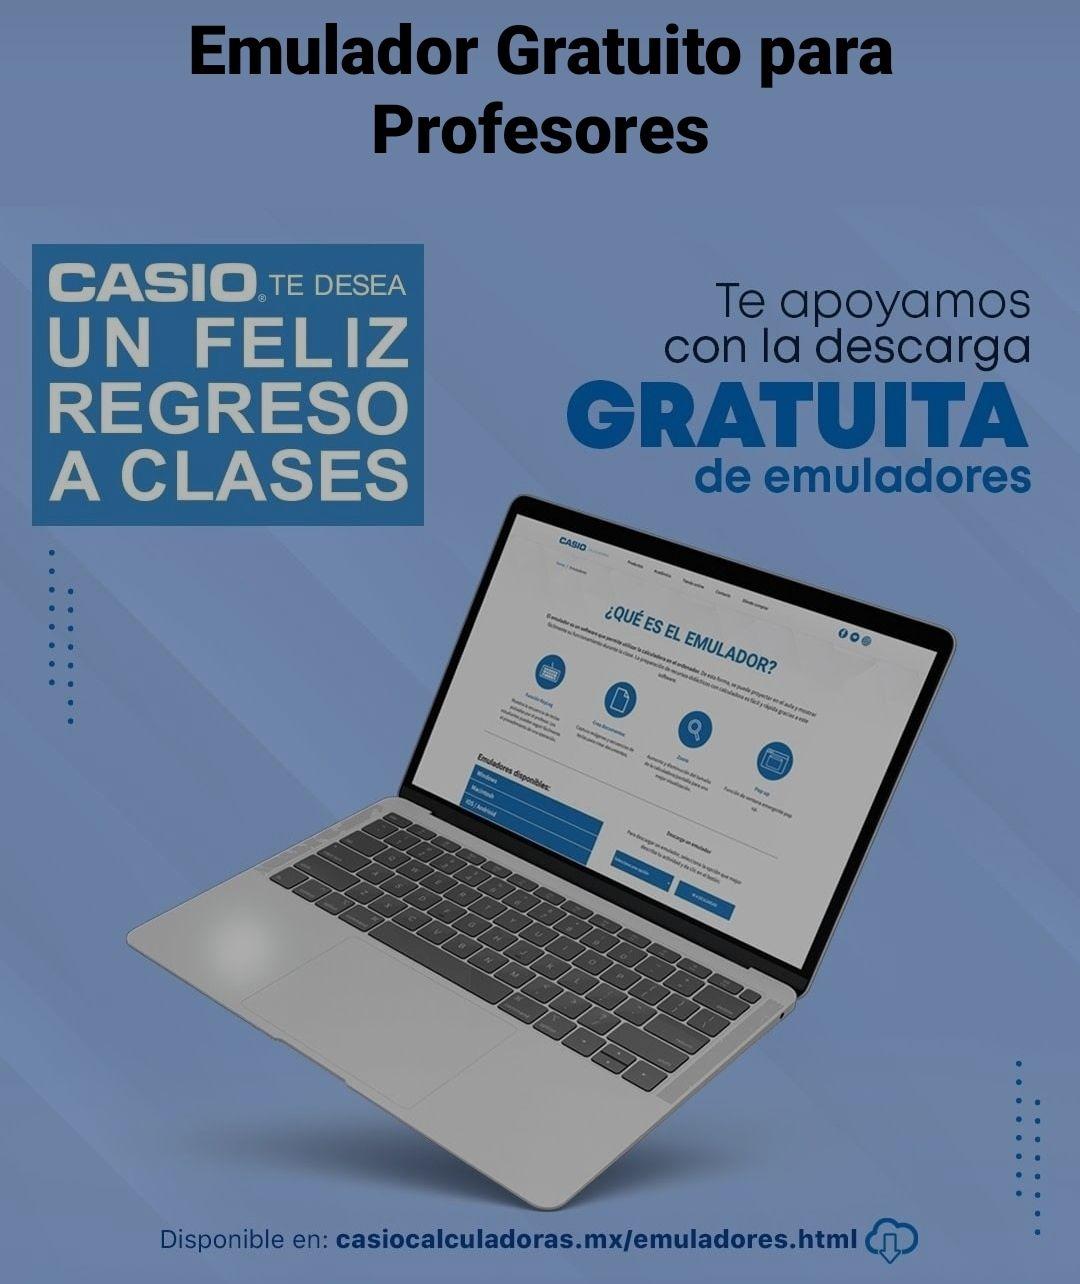 Casio, emuladores gratuitos para profesores y alumnos para este regreso a clases